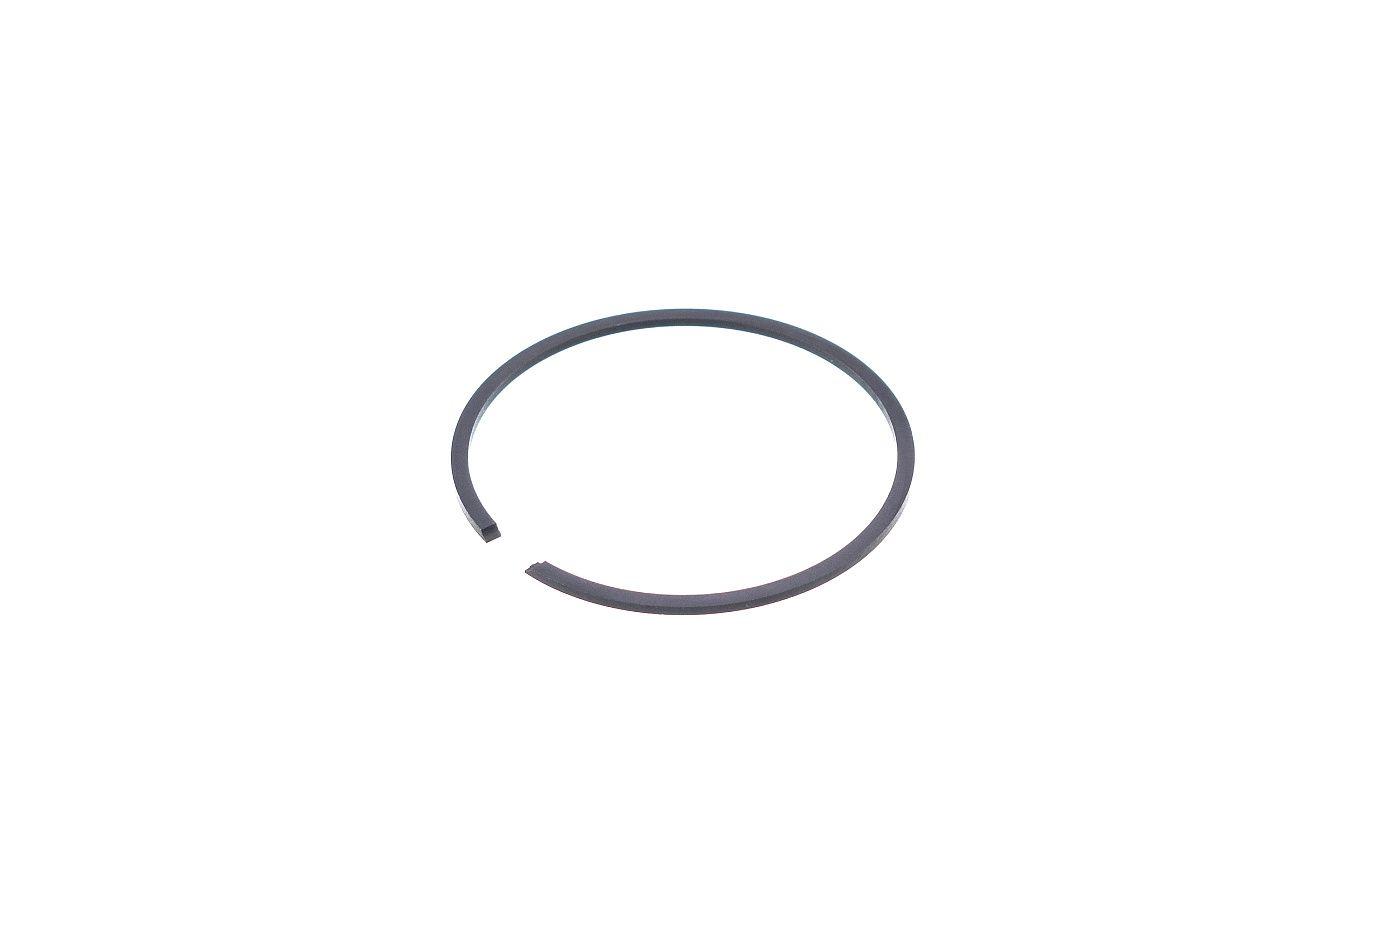 Piestne krúžok 56 x 1,5 mm